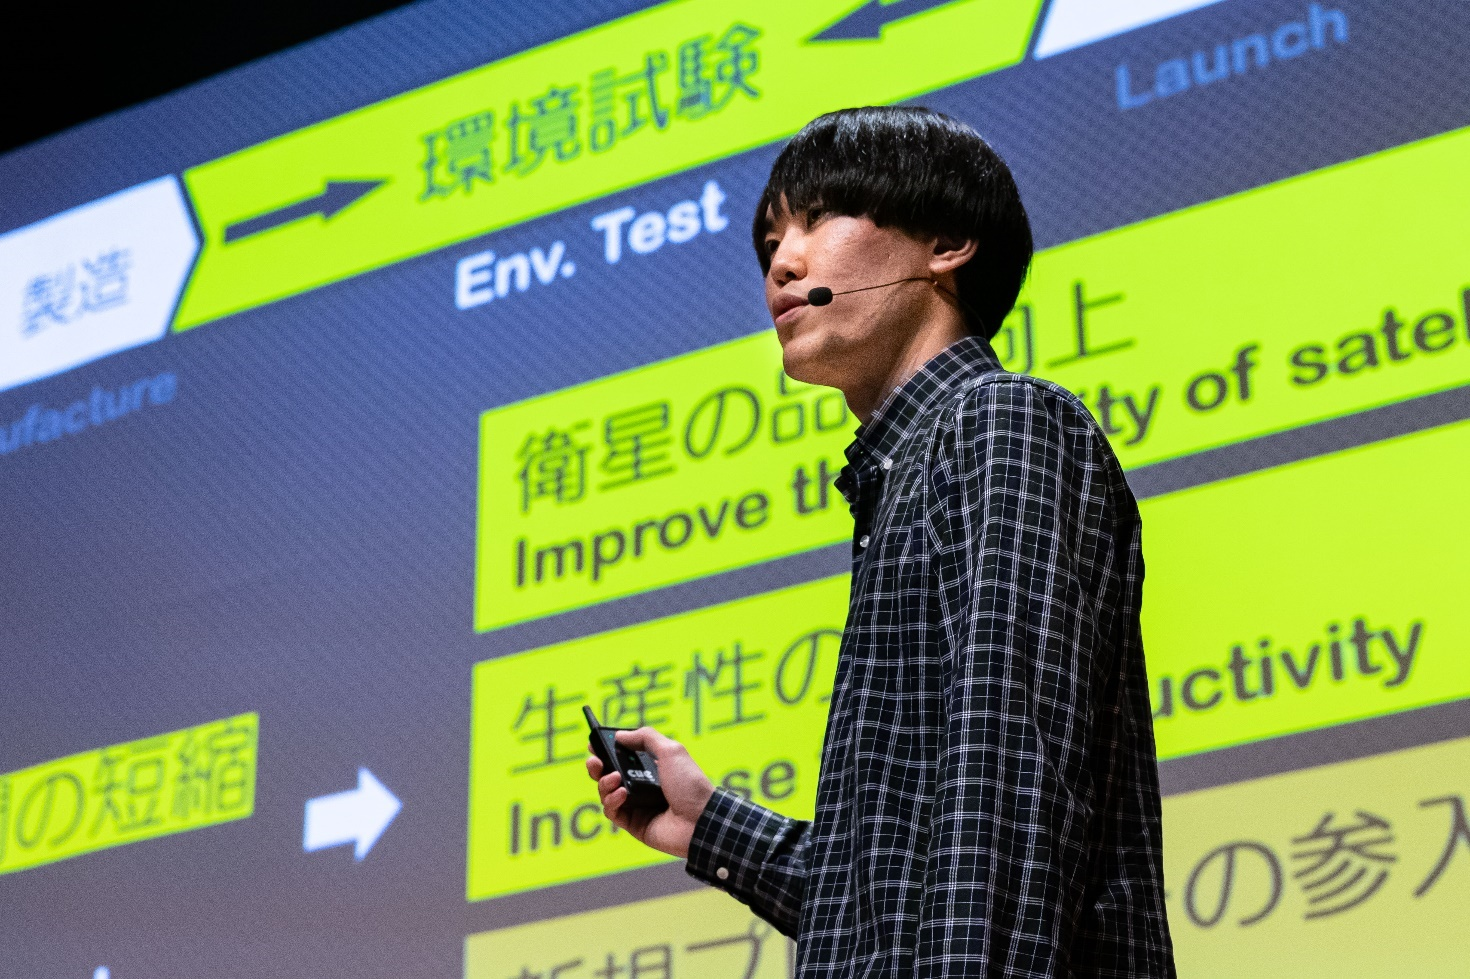 「試験設備のシェアリングサービス」を提案。SEESE from ABLab、「S-Booster 2019」にてJAXA賞を受賞。 | NEWS | 新着情報 | JAXA新事業促進部